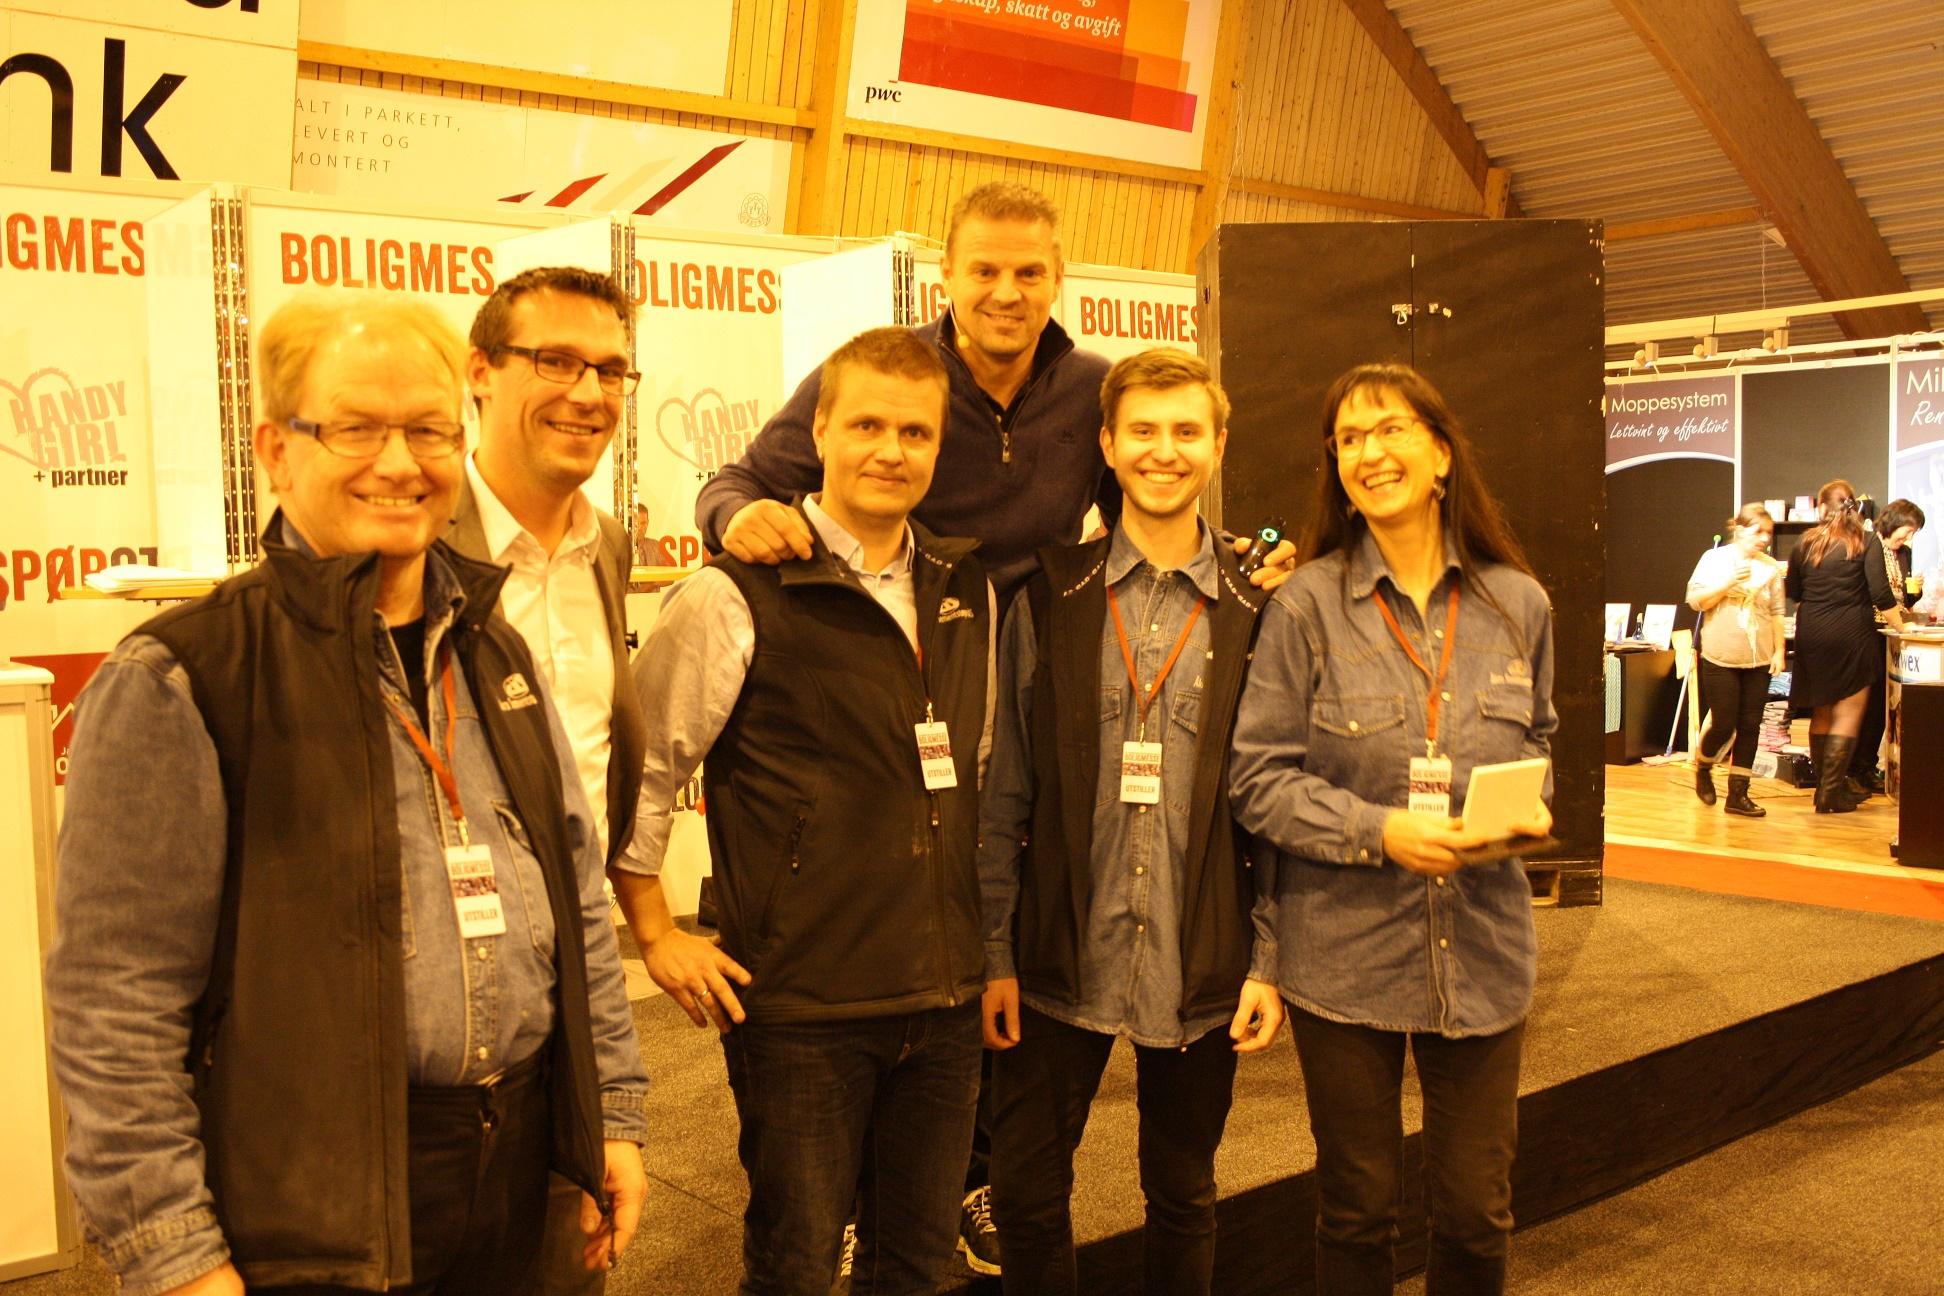 """Fra venstre Magne Tangen, Ronny Bjørnsen (prosjektleder Boligmessen), Tom Ivar Jenssen, Otto Robsahm (kjent som """"Sinnasnekker'n""""), Ole Jørgen Albertsen og Merete Håstø Albertsen."""